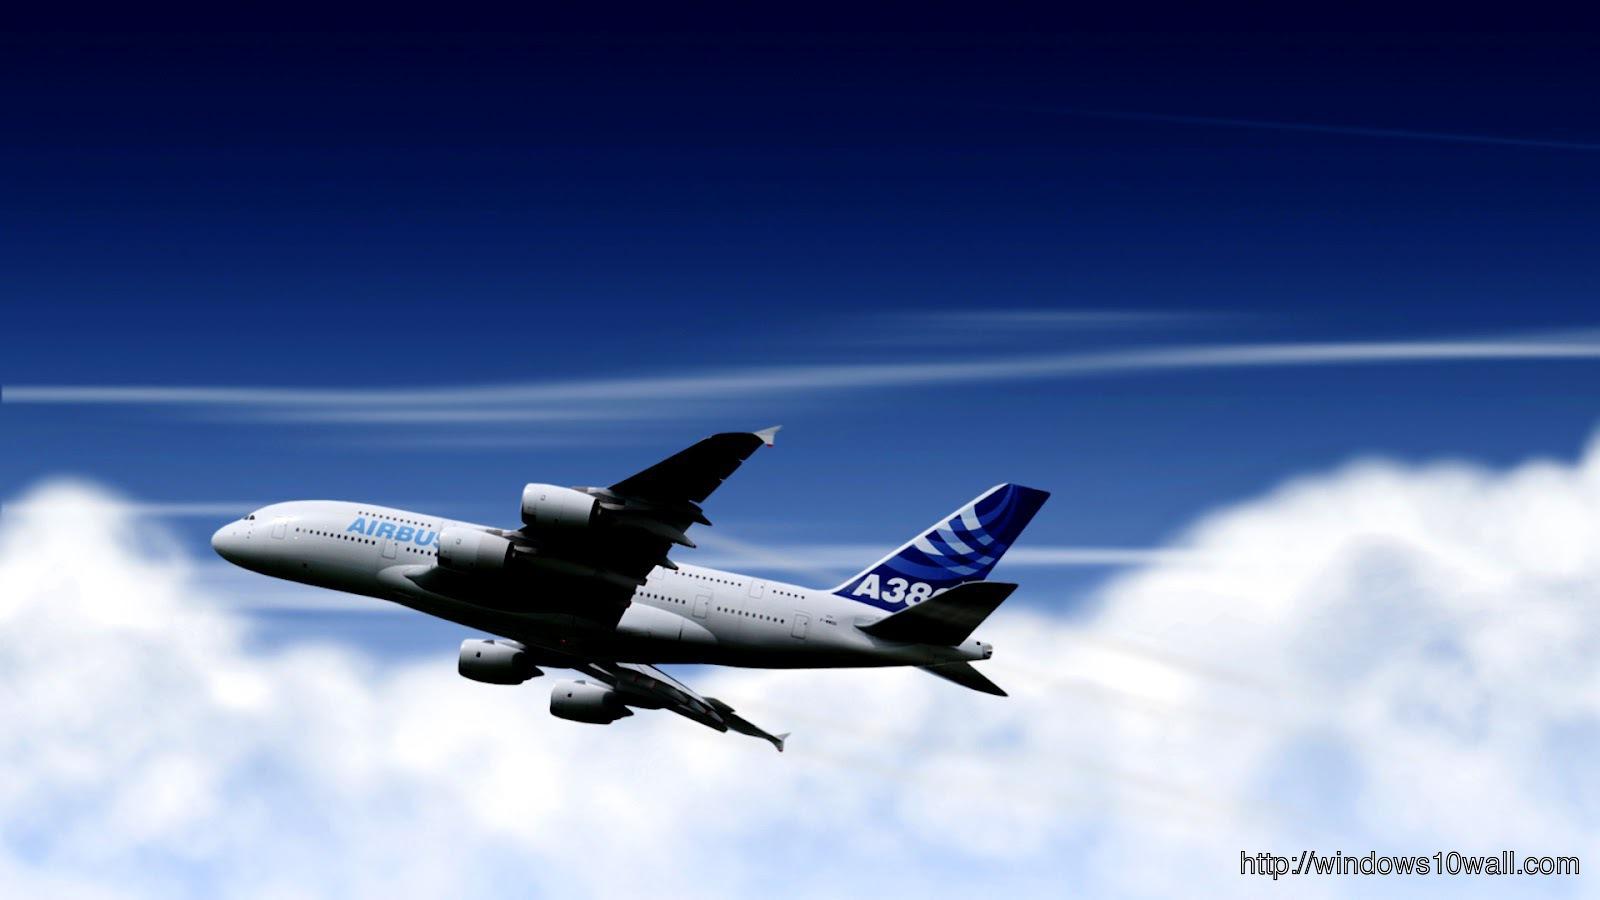 Airbus A380 Hd Plane